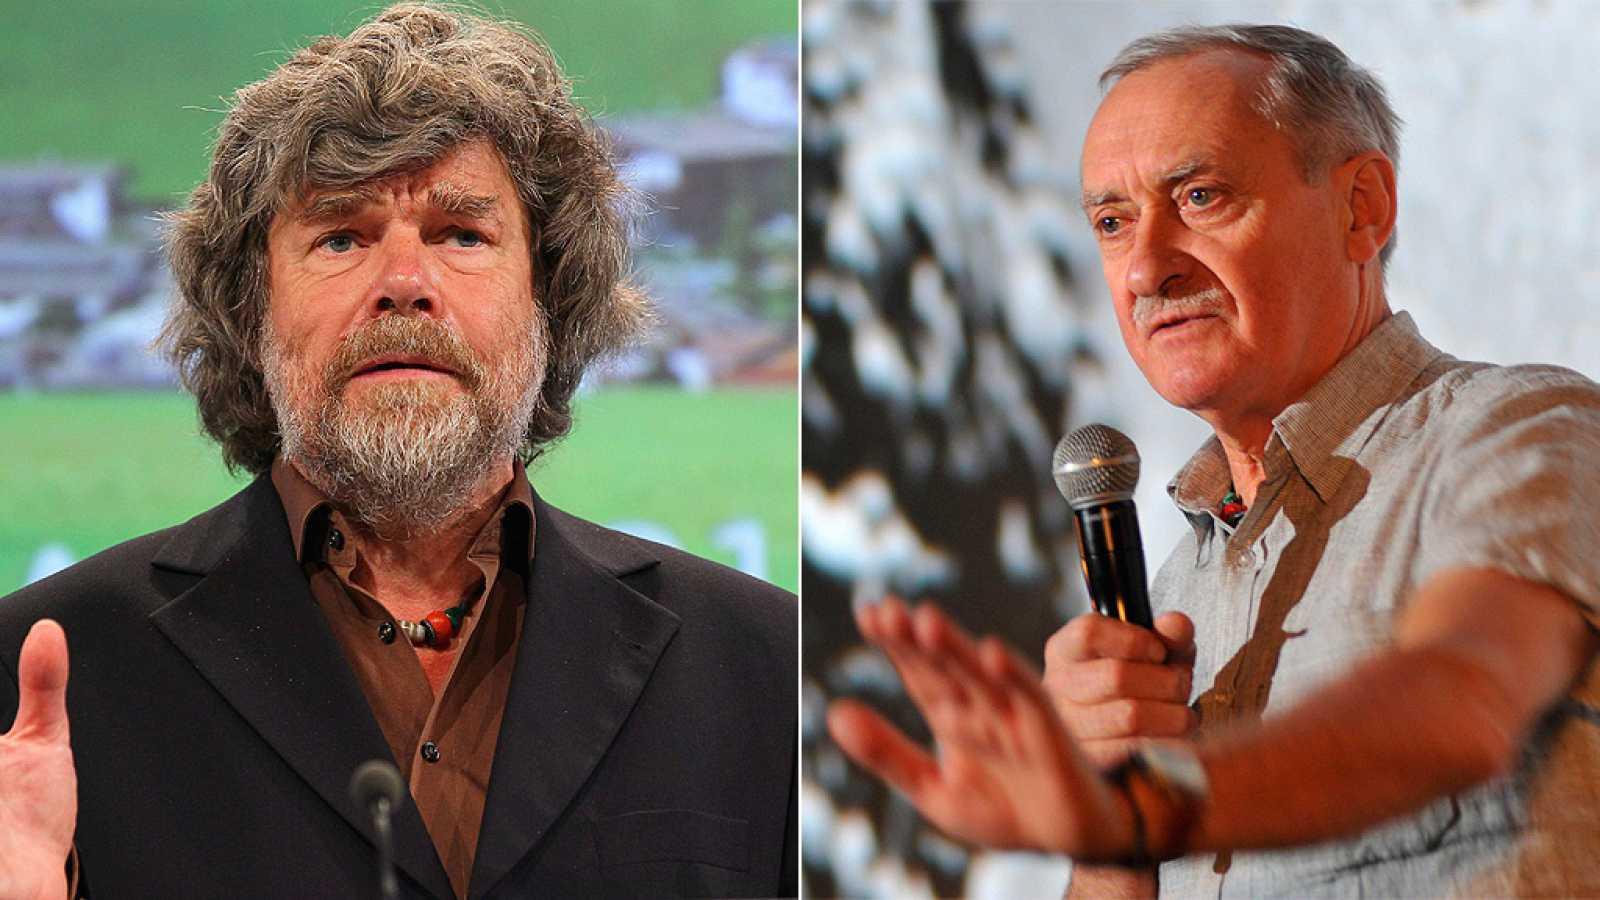 Los alpinistas Reinhold Messner y Krzysztof Wielicki han sido galardonados con el premio Princesa de Asturias de los Deportes 2018.